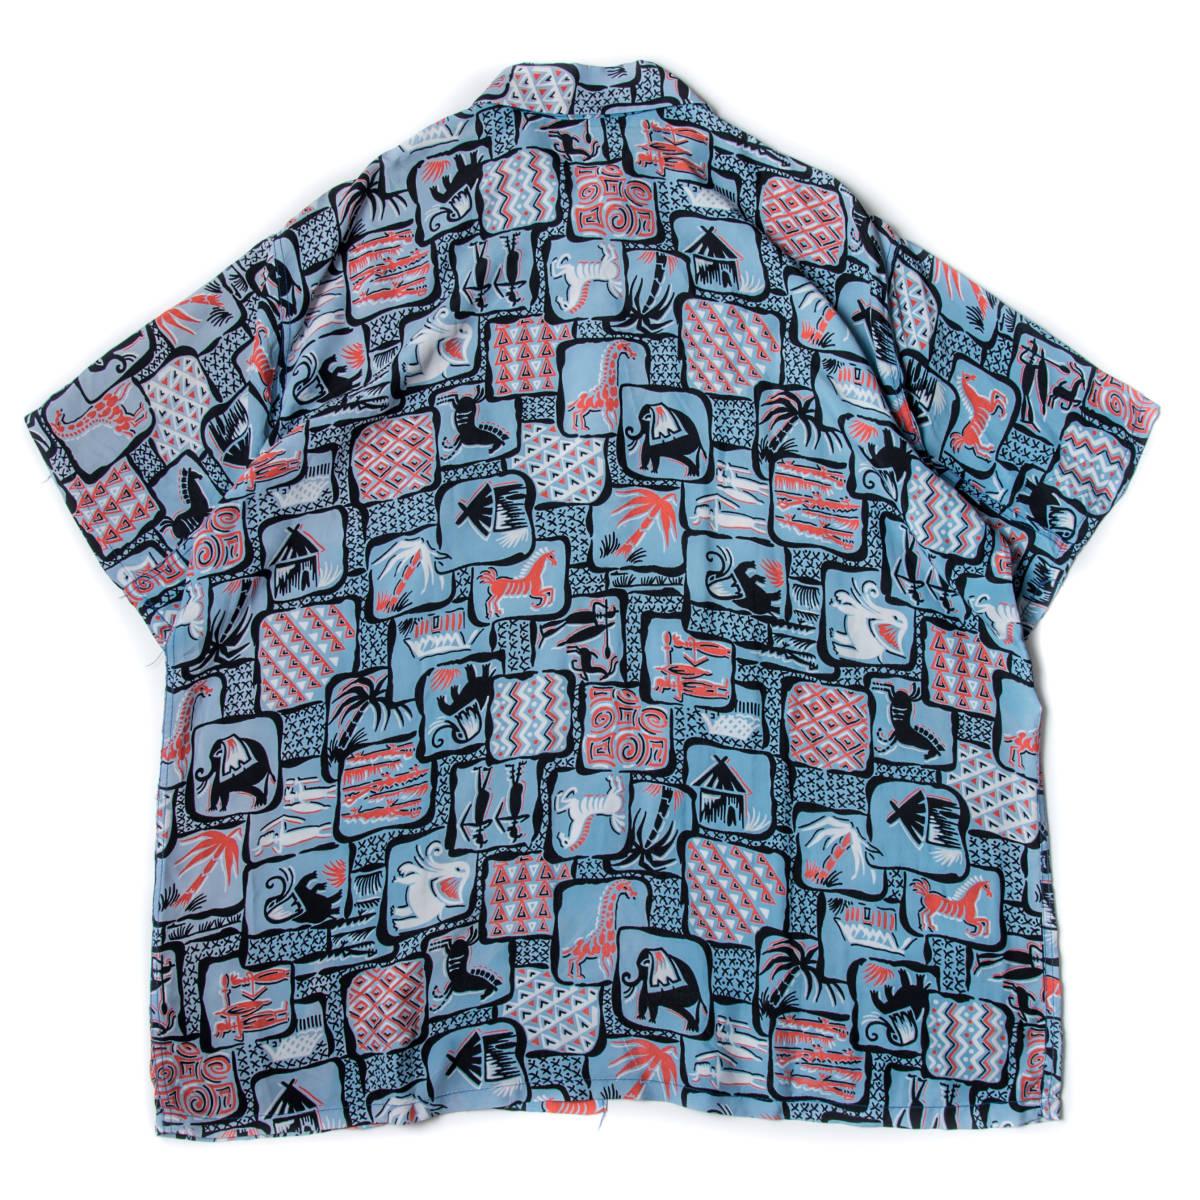 柄良し 50s Marlboro アニマル柄 レーヨン ハワイアン シャツ / ビンテージ アロハシャツ パネル 半袖 総柄 柄 シャツ ロカビリー 40s_画像2